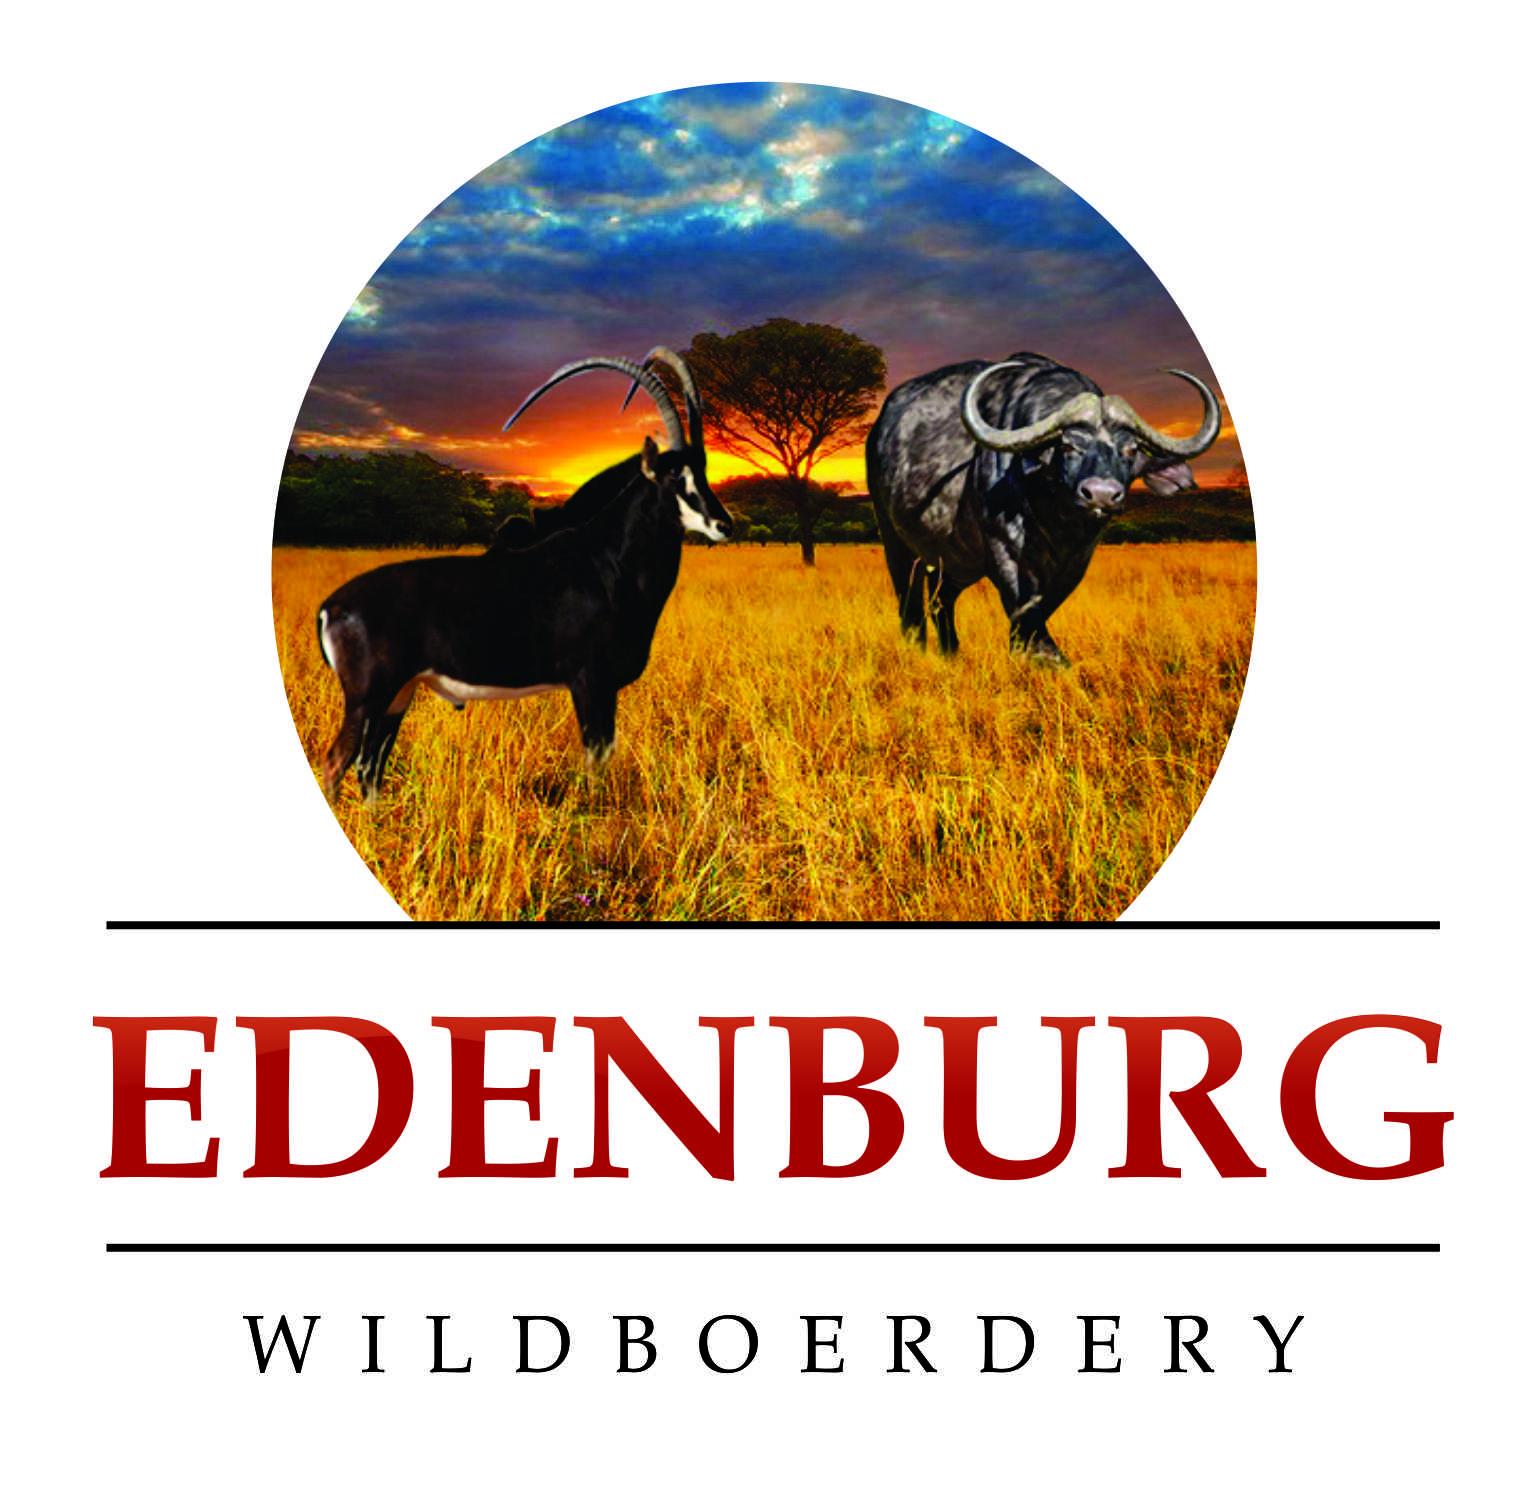 Edenburg